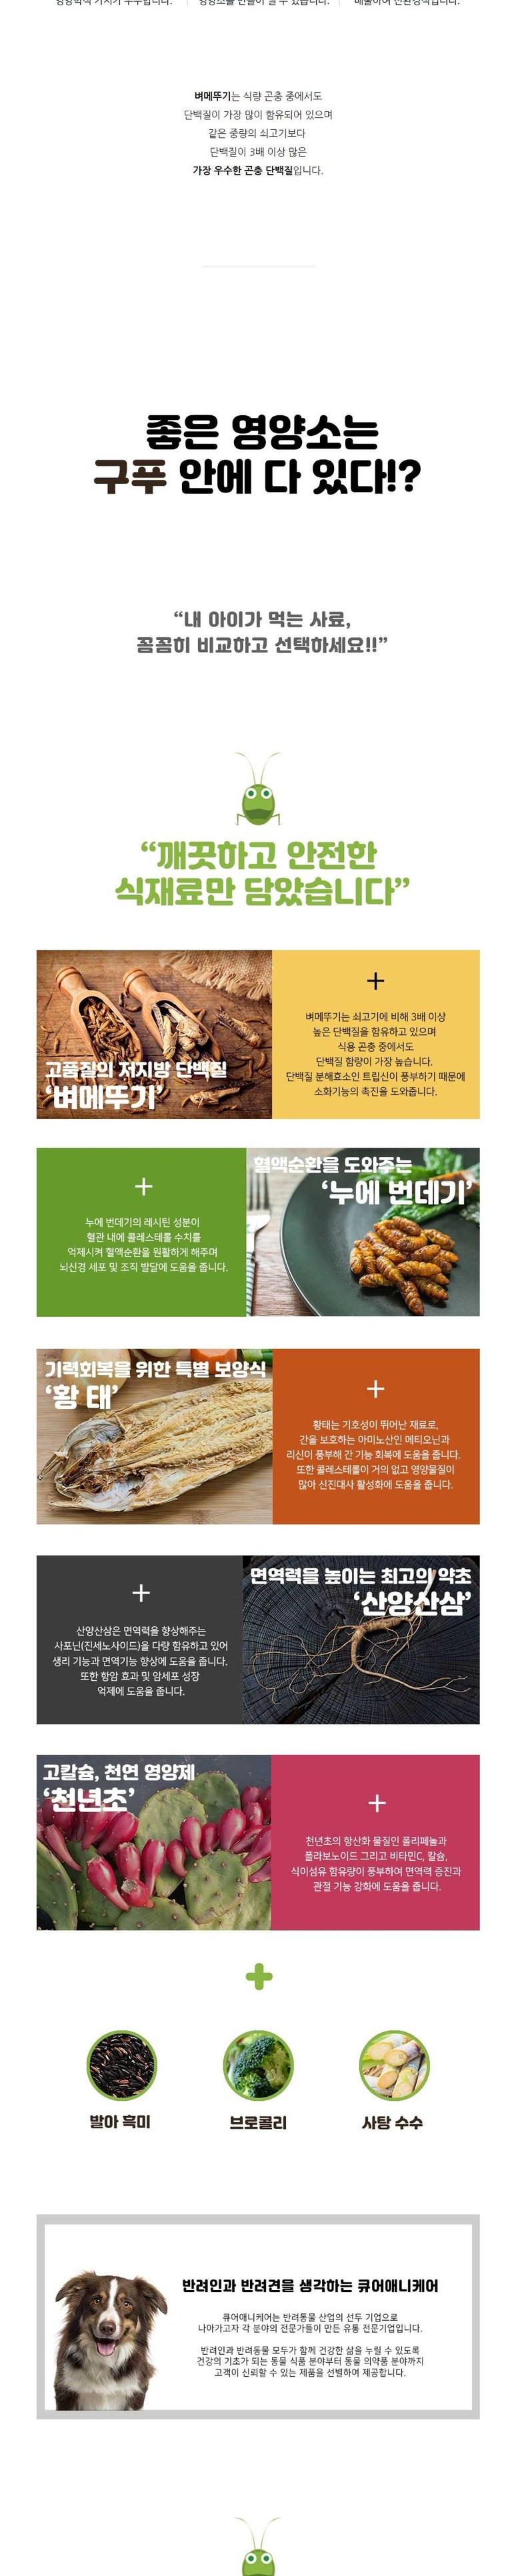 [오구오구특가]구푸 단백질사료 1.5kg (2개세트)-상품이미지-1